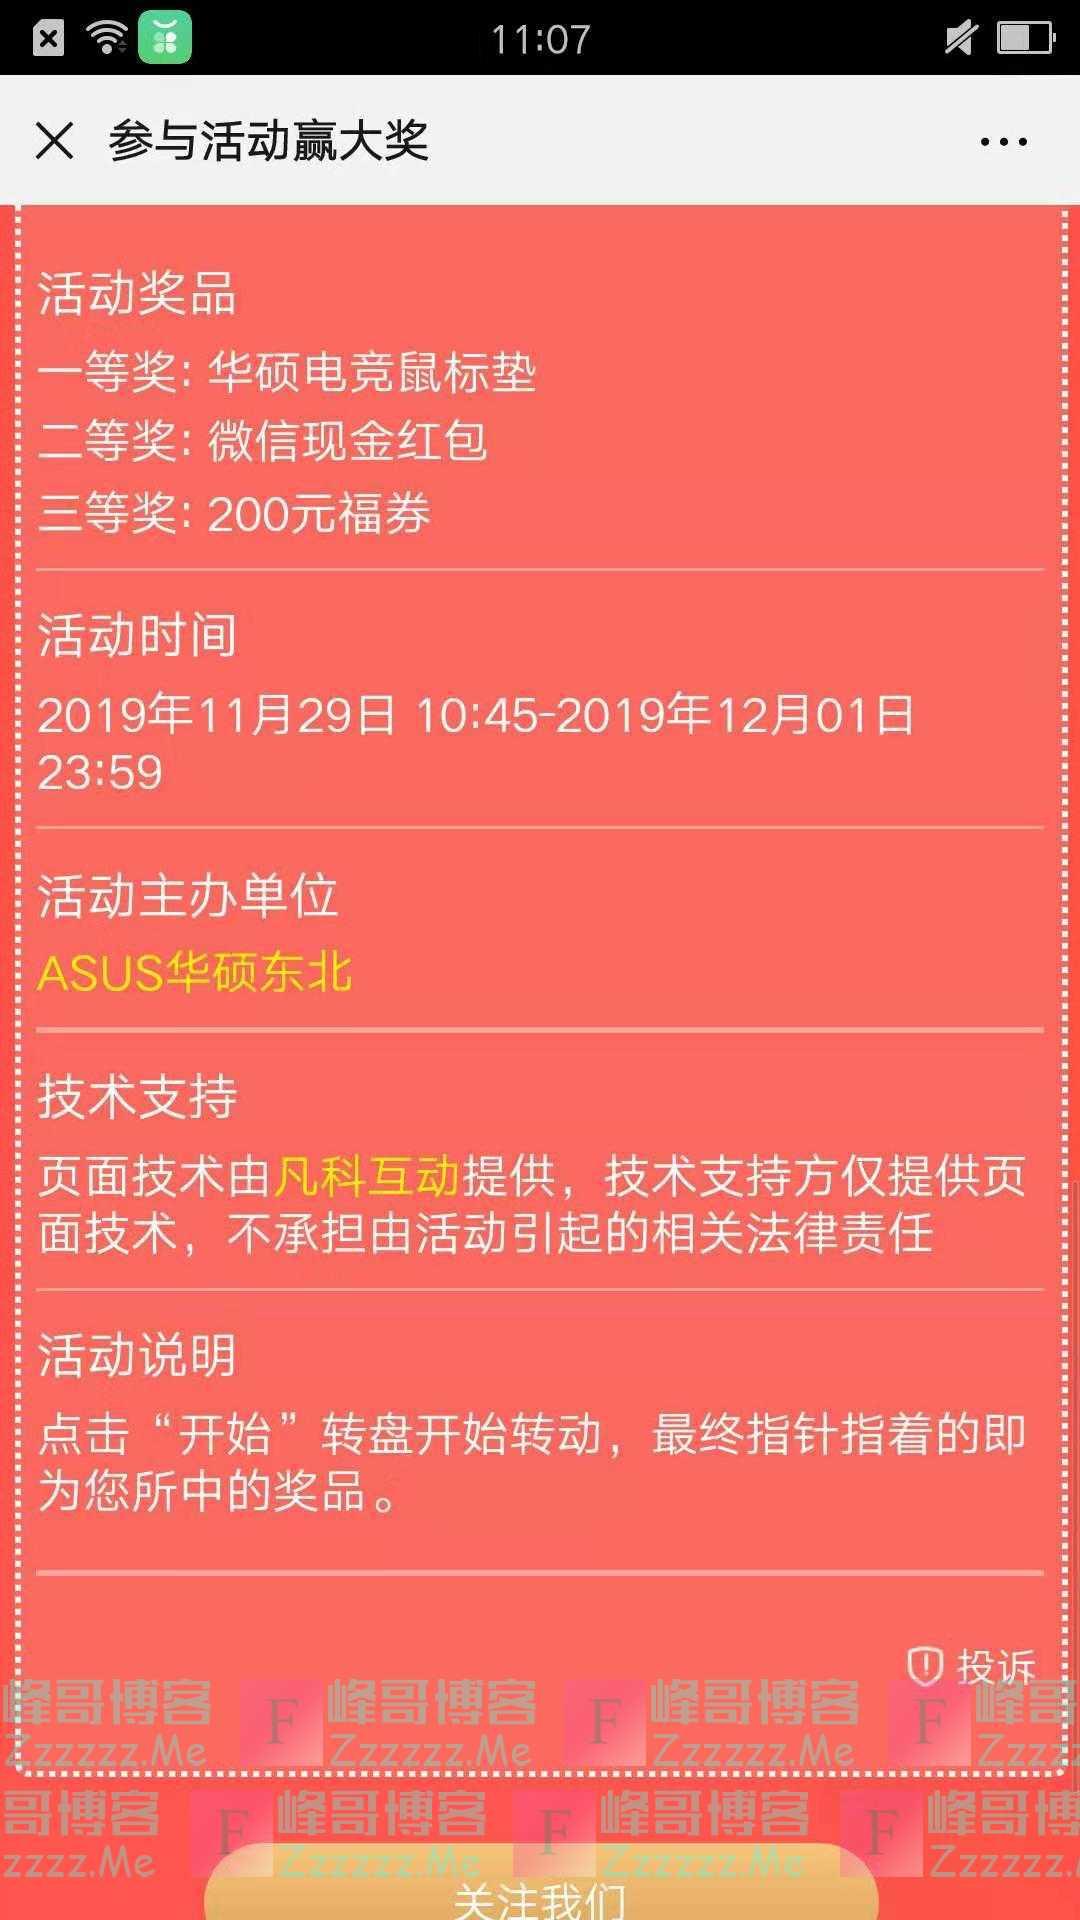 ASUS华硕东北新一期抢红包(截止12月1日)